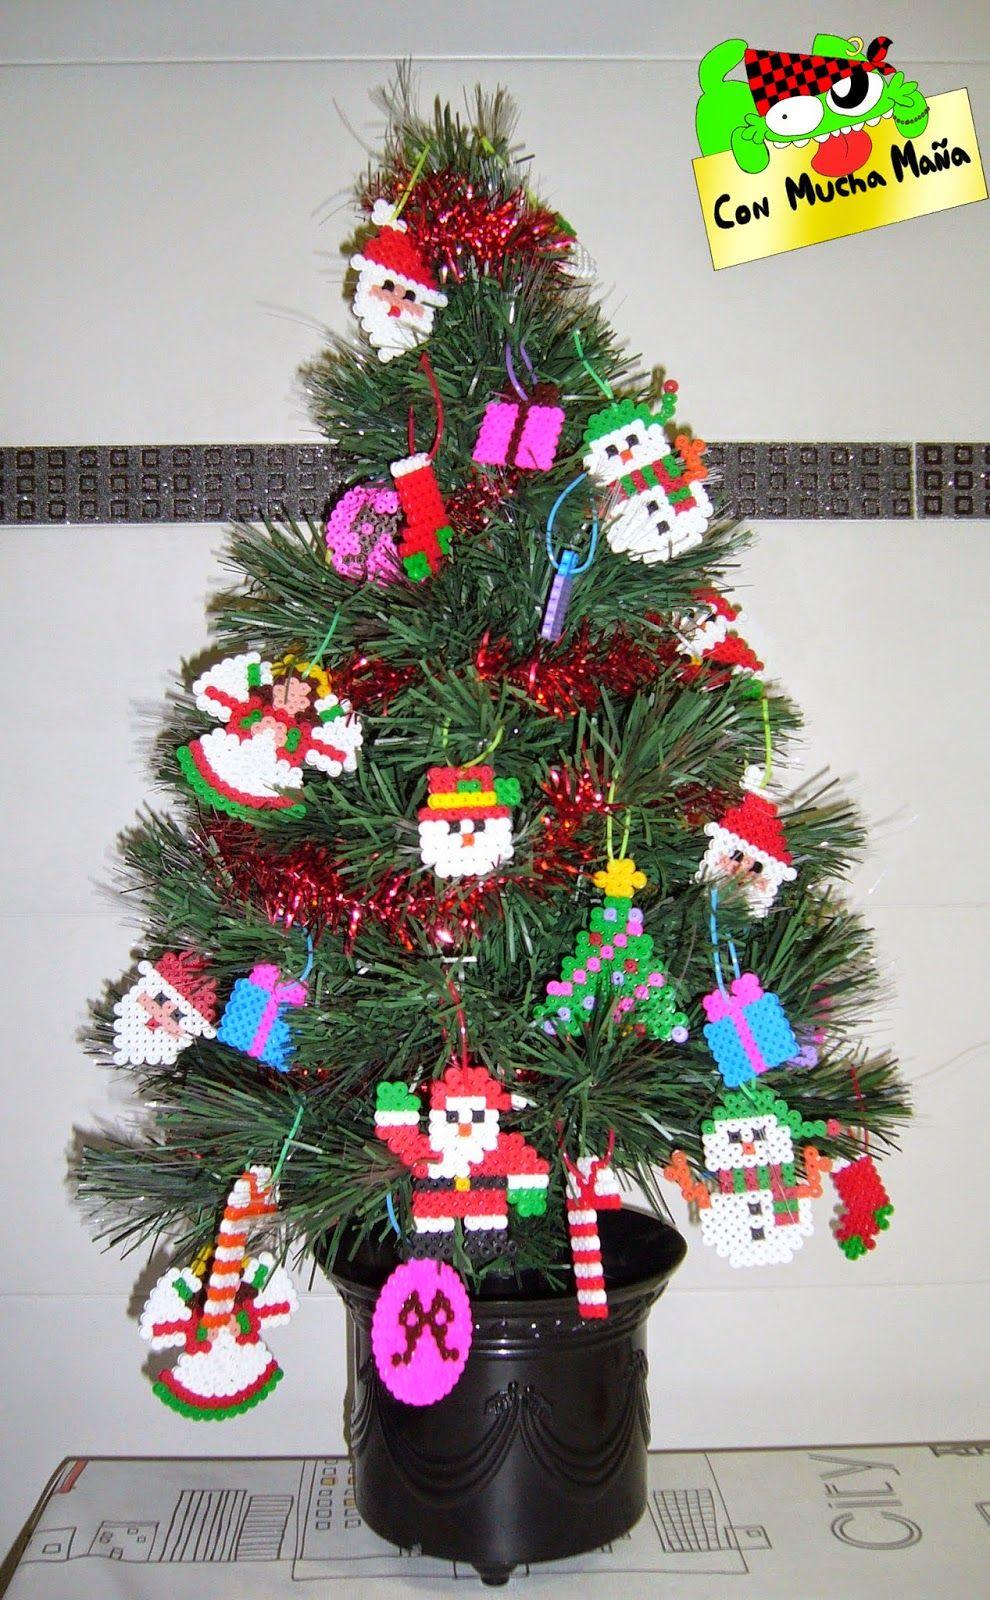 Arbol de navidad decorado con hama beads con mucha ma a - Arbol de navidad diseno ...